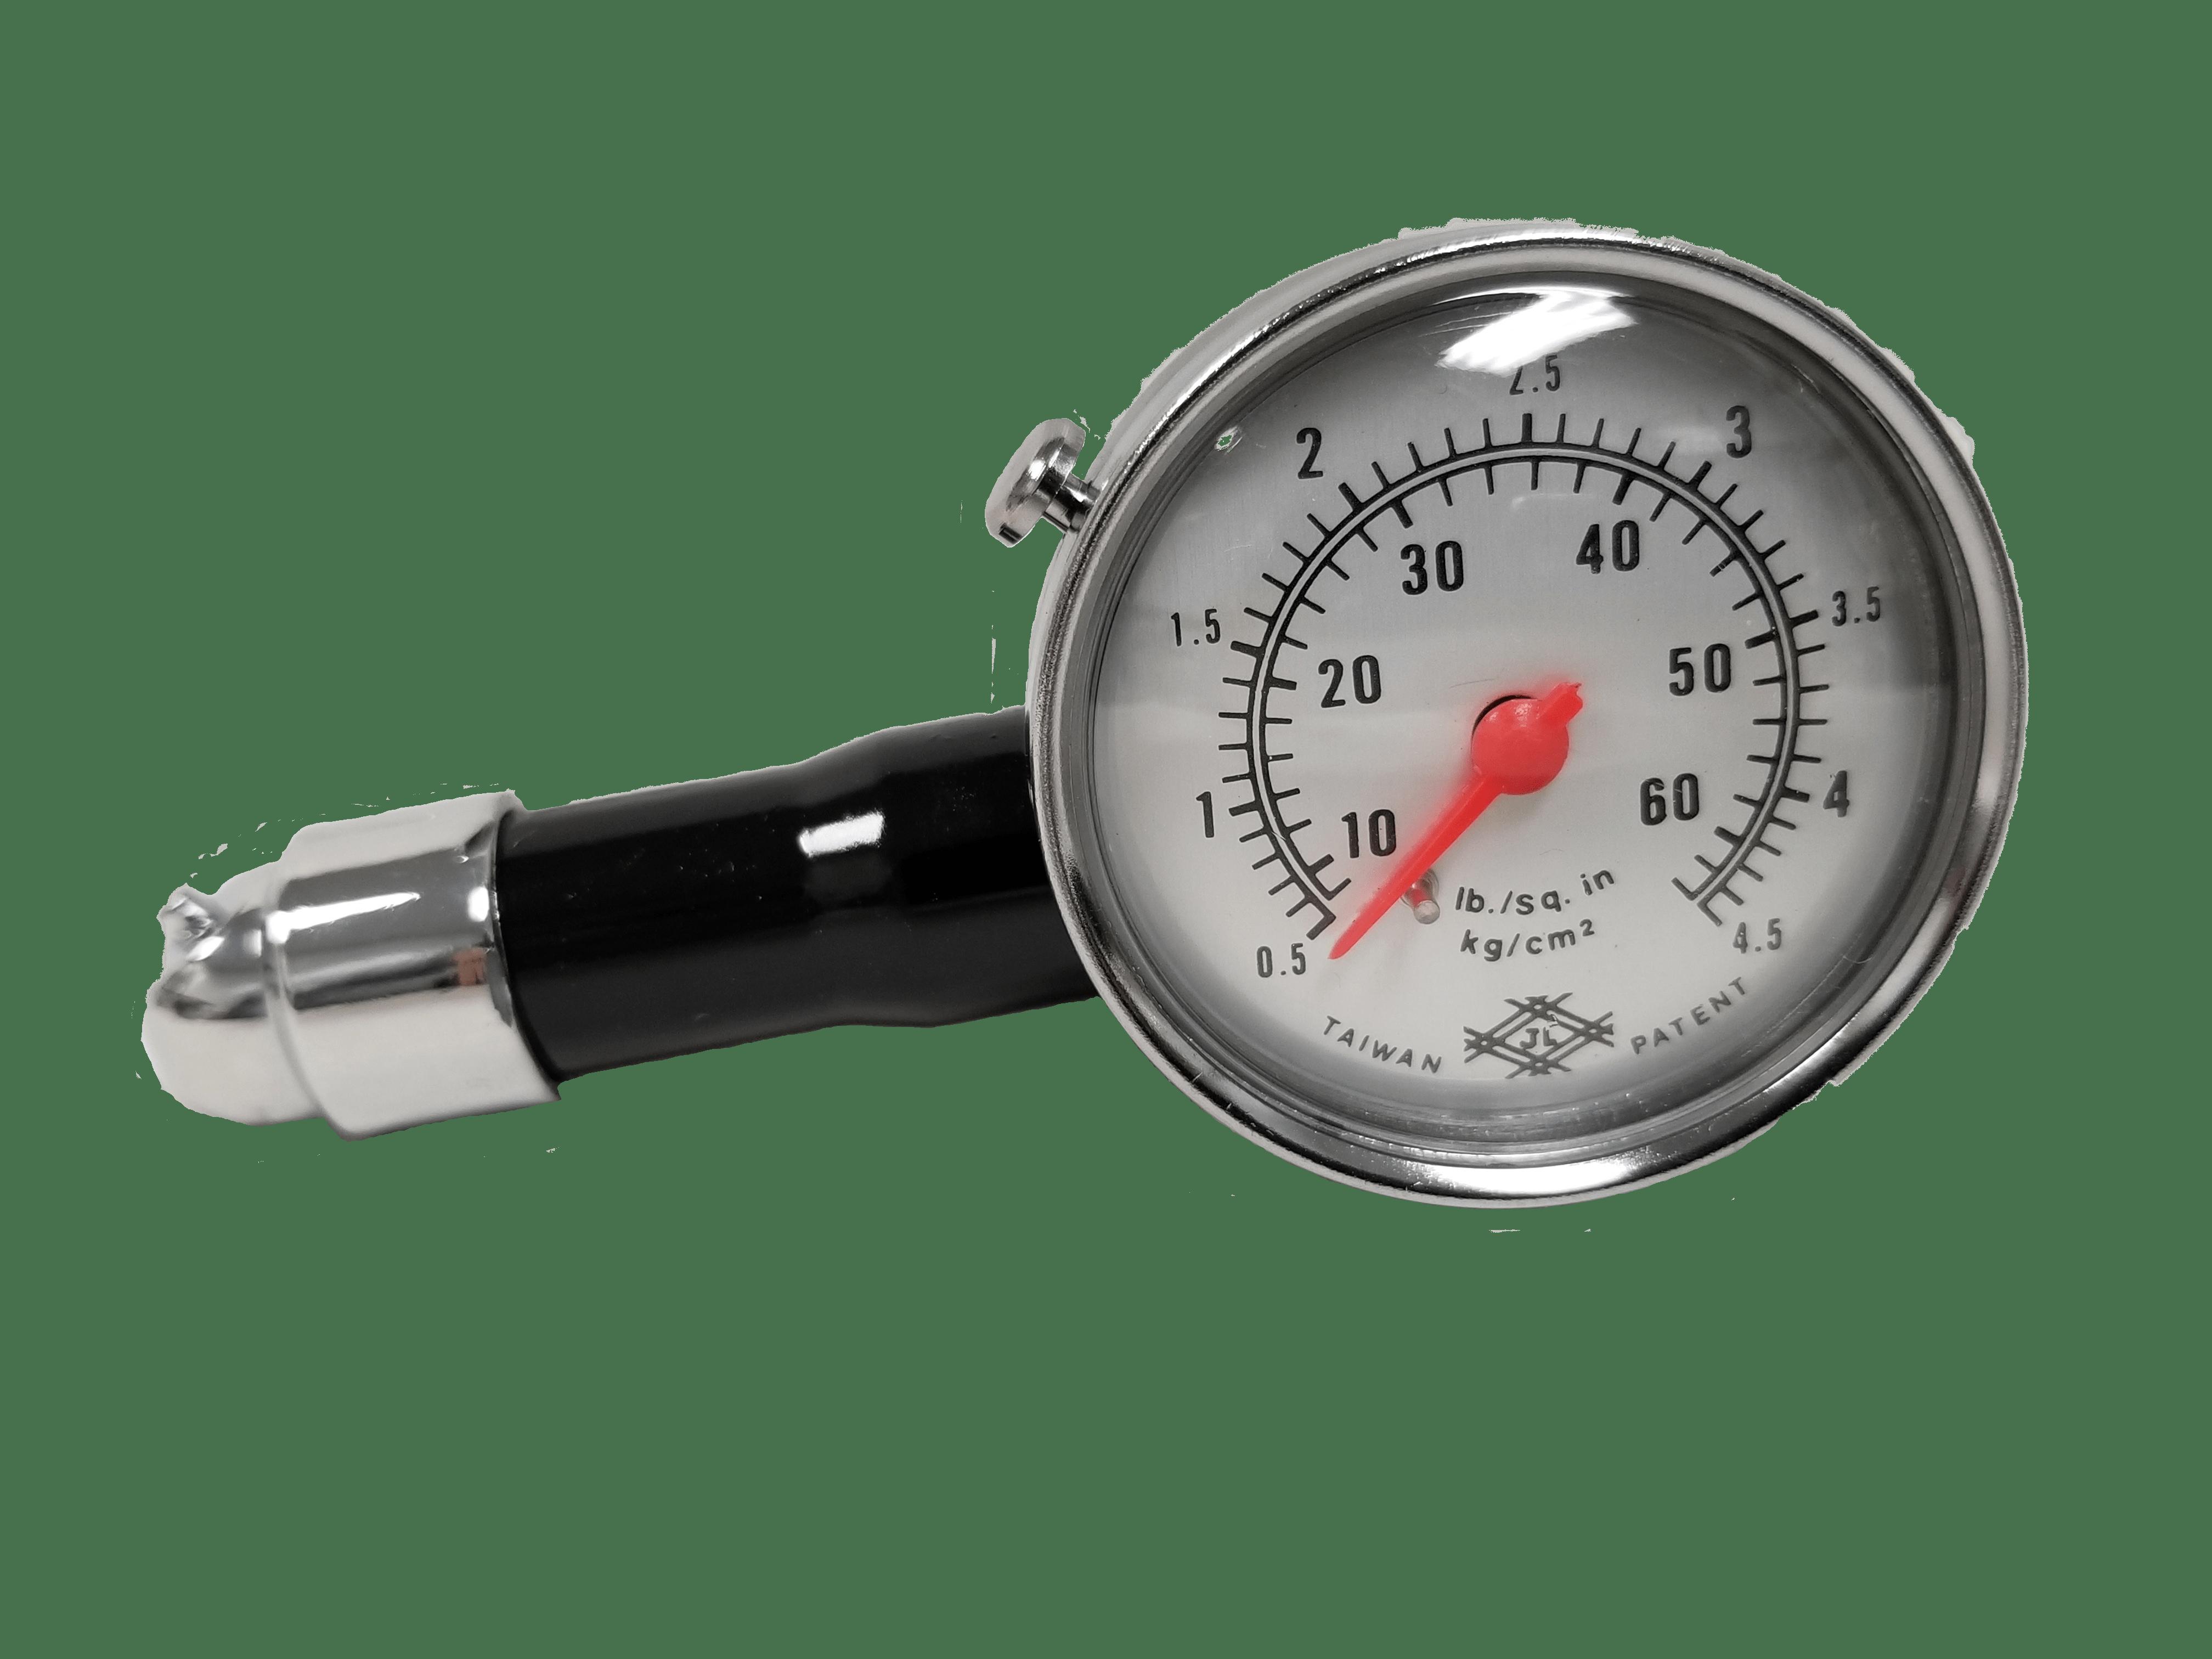 07900890 - Dial Tire Gauge